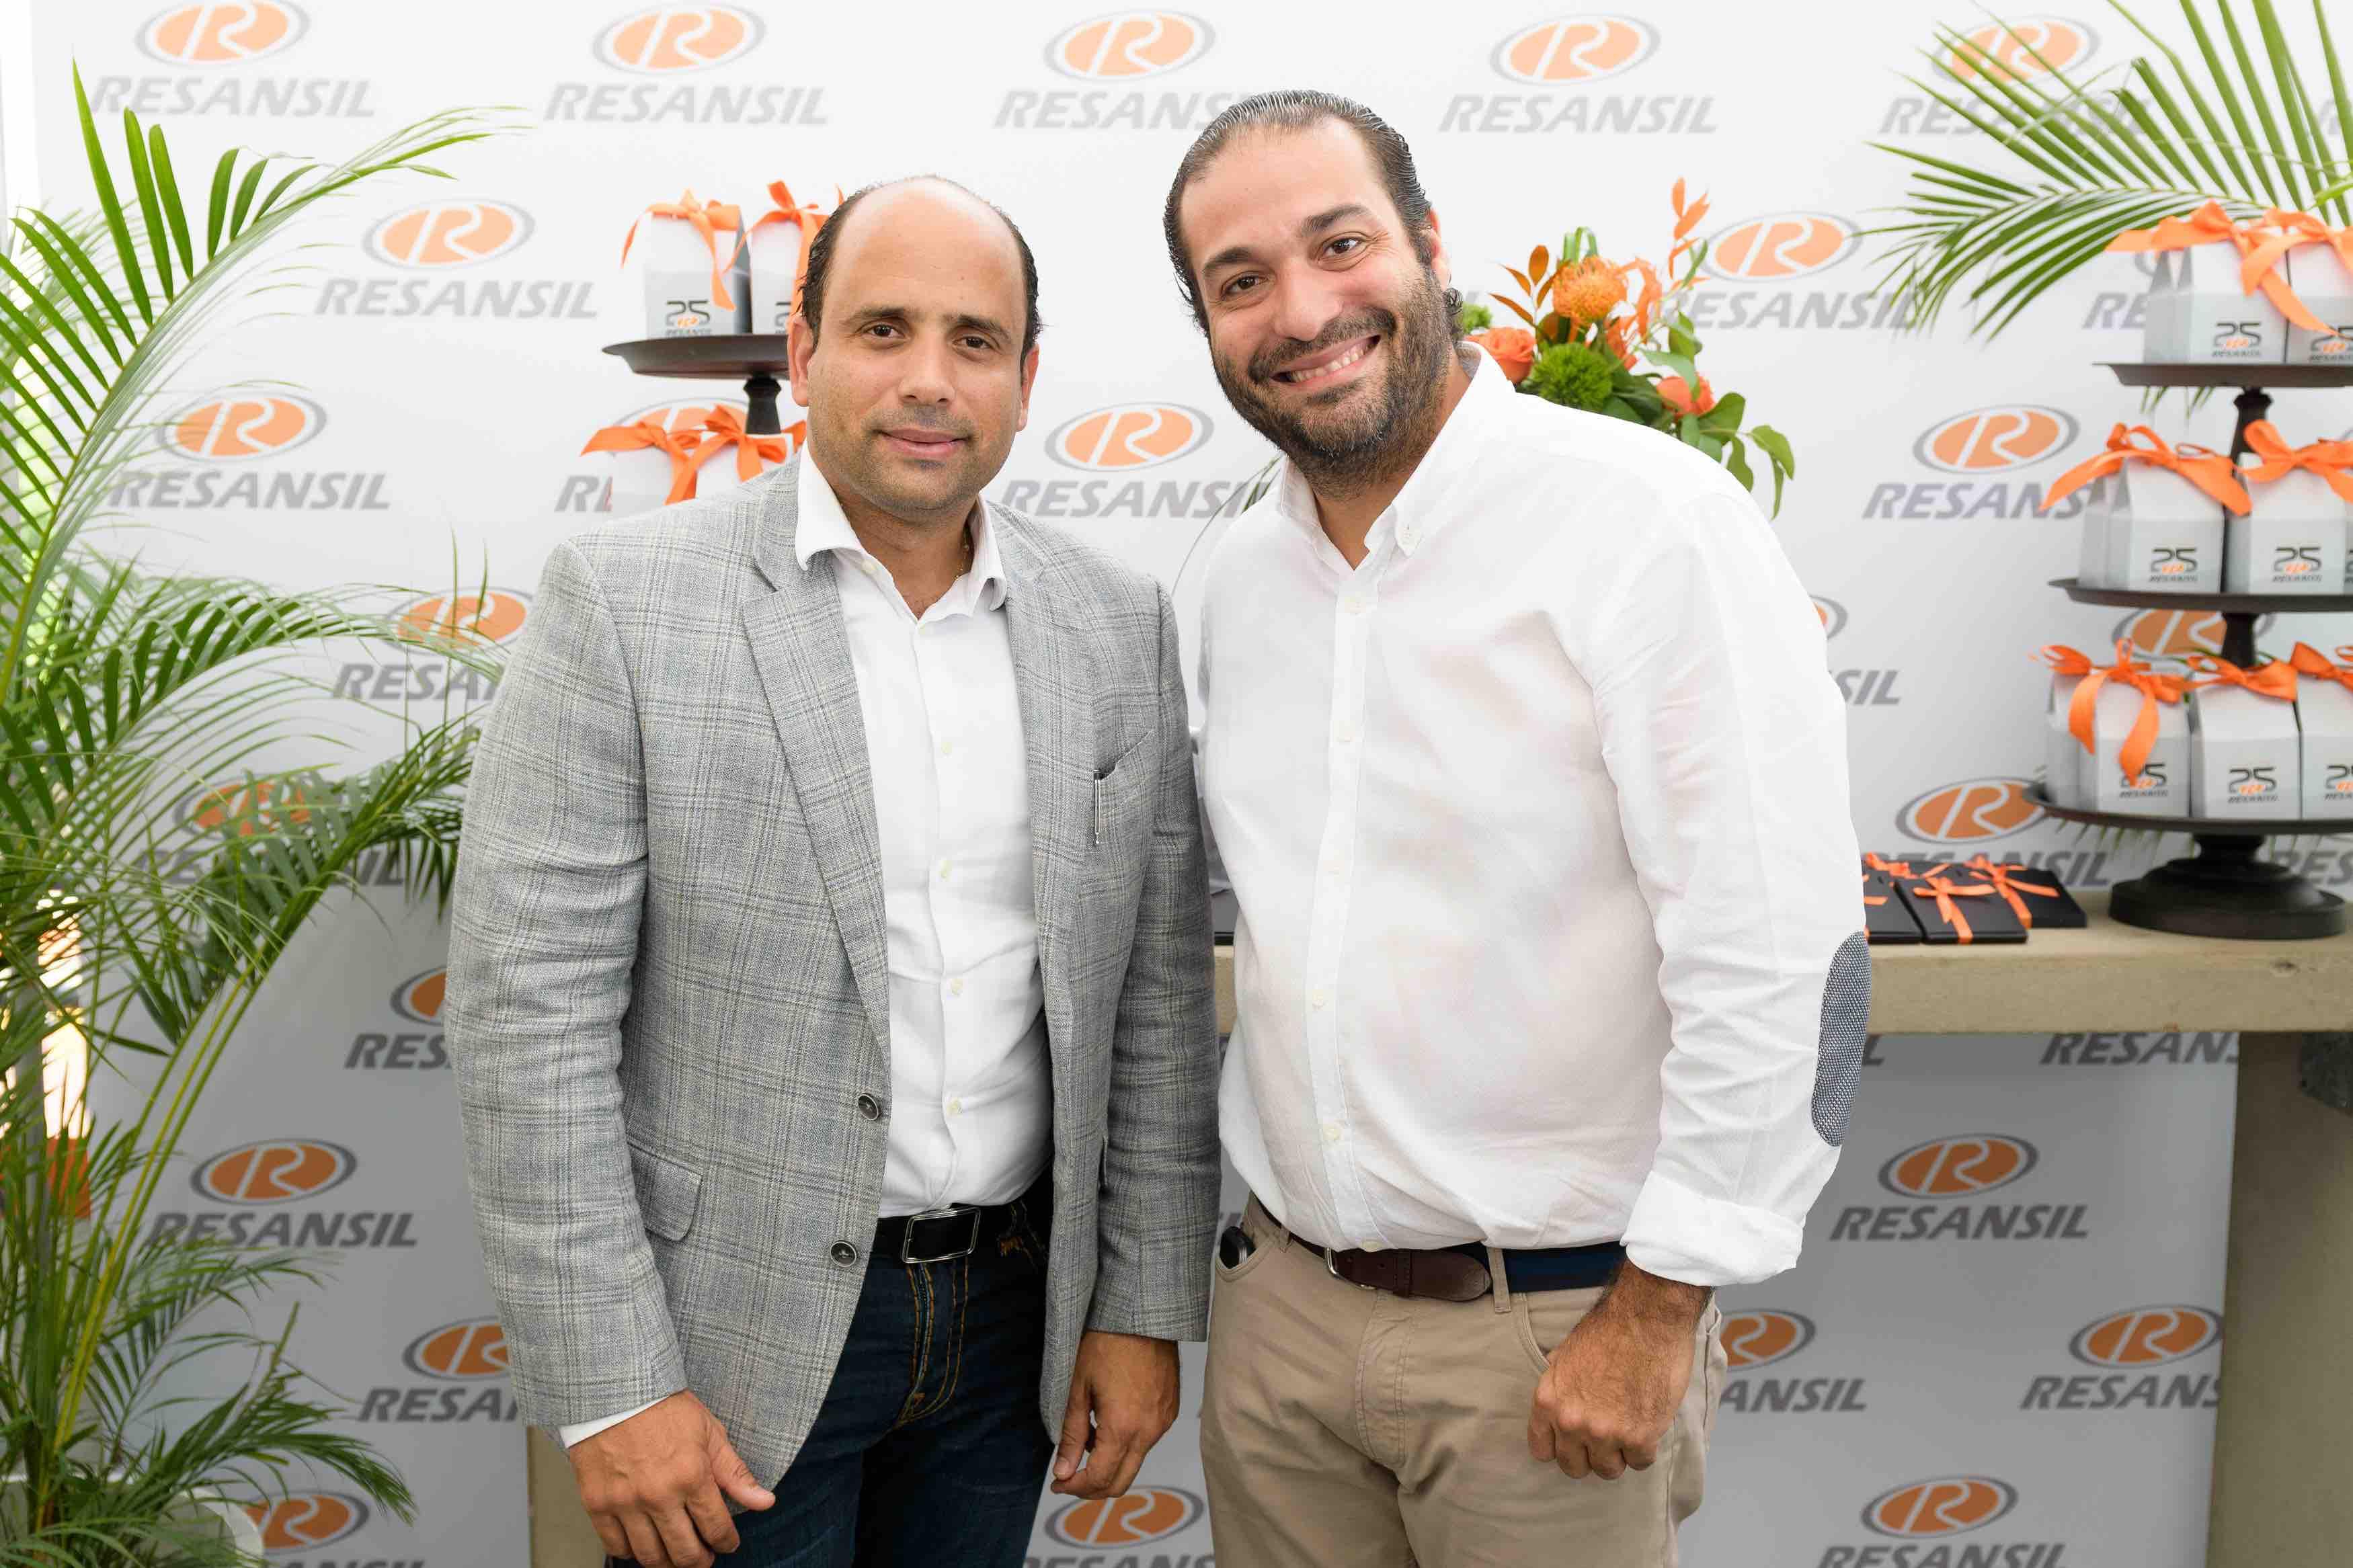 10. Carlos Cabrera & Luis Betances